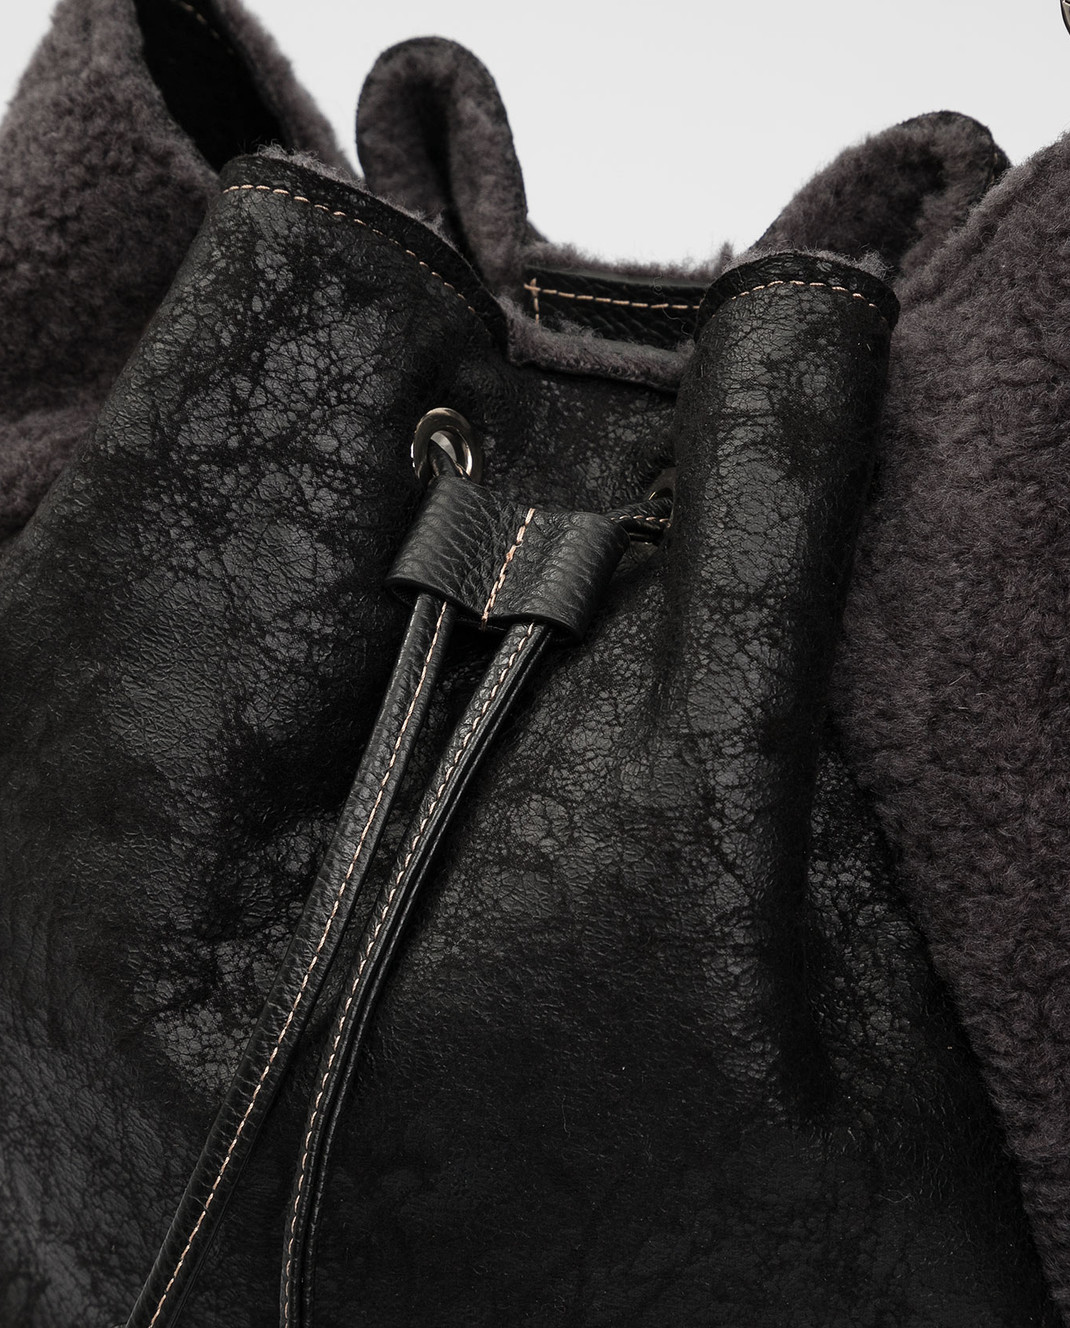 Gianni Notaro Черная сумка из кожи и меха изображение 4